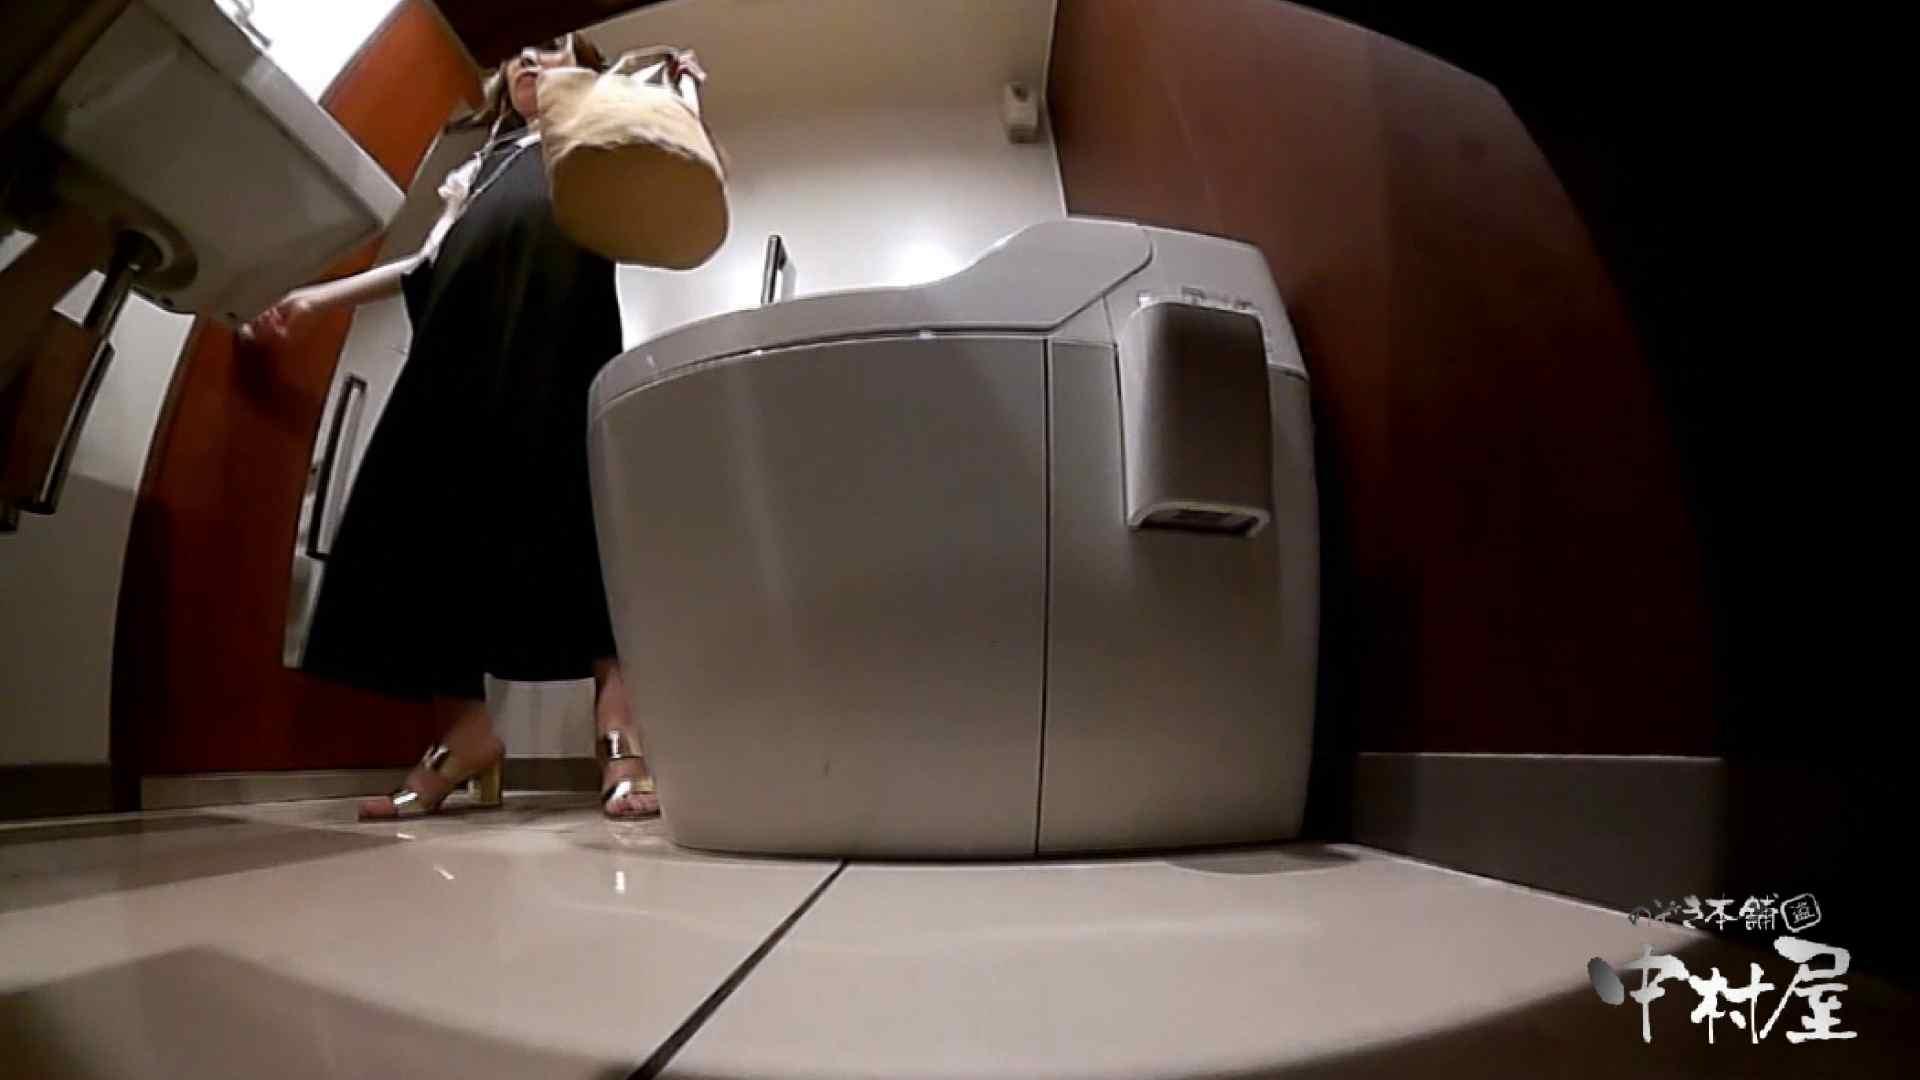 高画質トイレ盗撮vol.19 高画質 | 盗撮シリーズ  84PIX 53